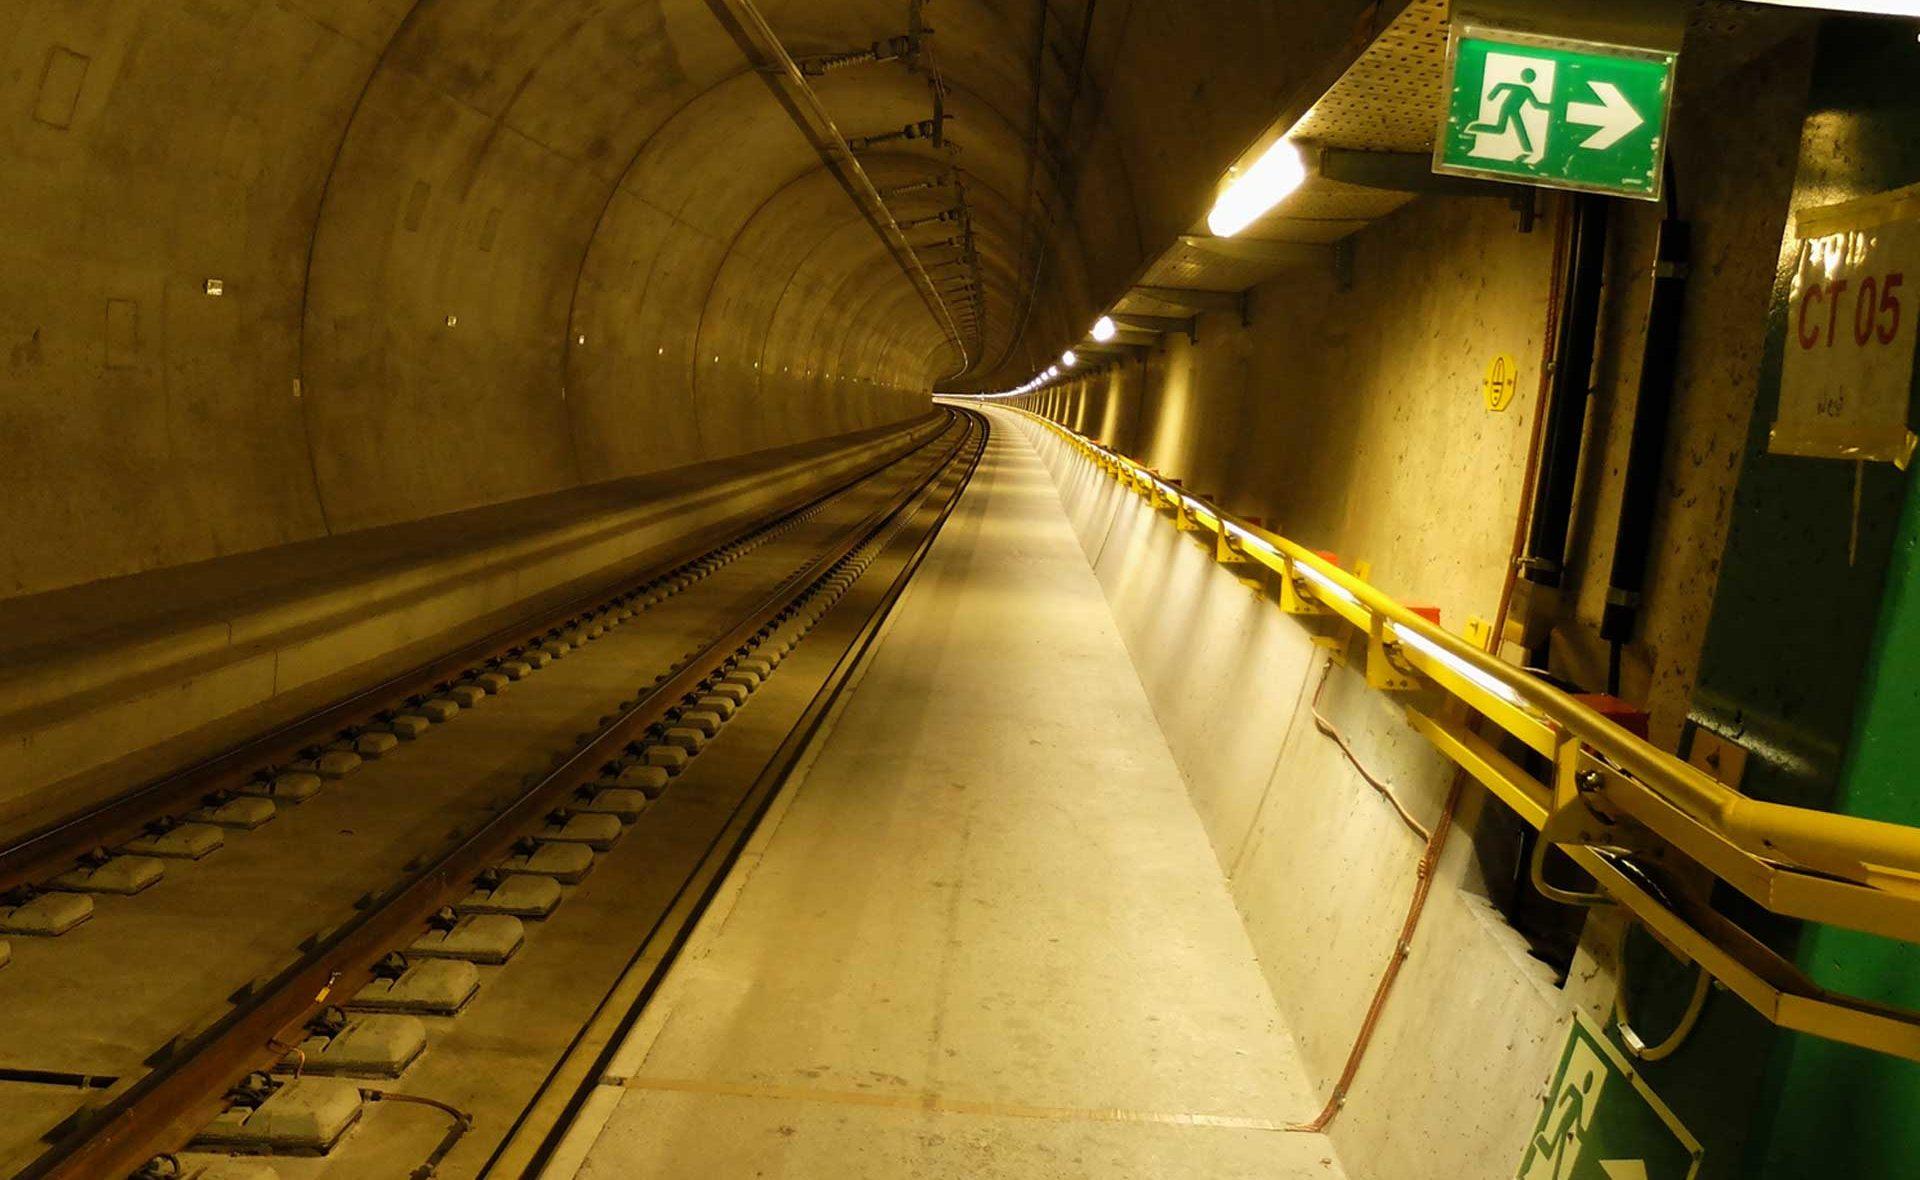 Ceneri-Basistunnel RAMS FMECA 50126 Validierung Tunnelröhre Bahntechnik Stromversorgung 50 Hz 16.7Hz Fahrbahn Oberleitung NEAT Projekt ARGE CPC IZP Dresden mbH Referenz